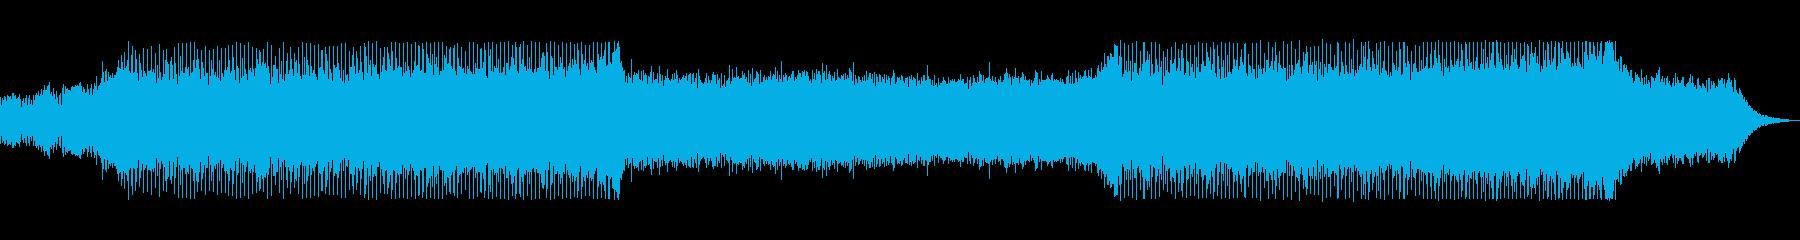 bpm144シンプルで地味なテクノの再生済みの波形